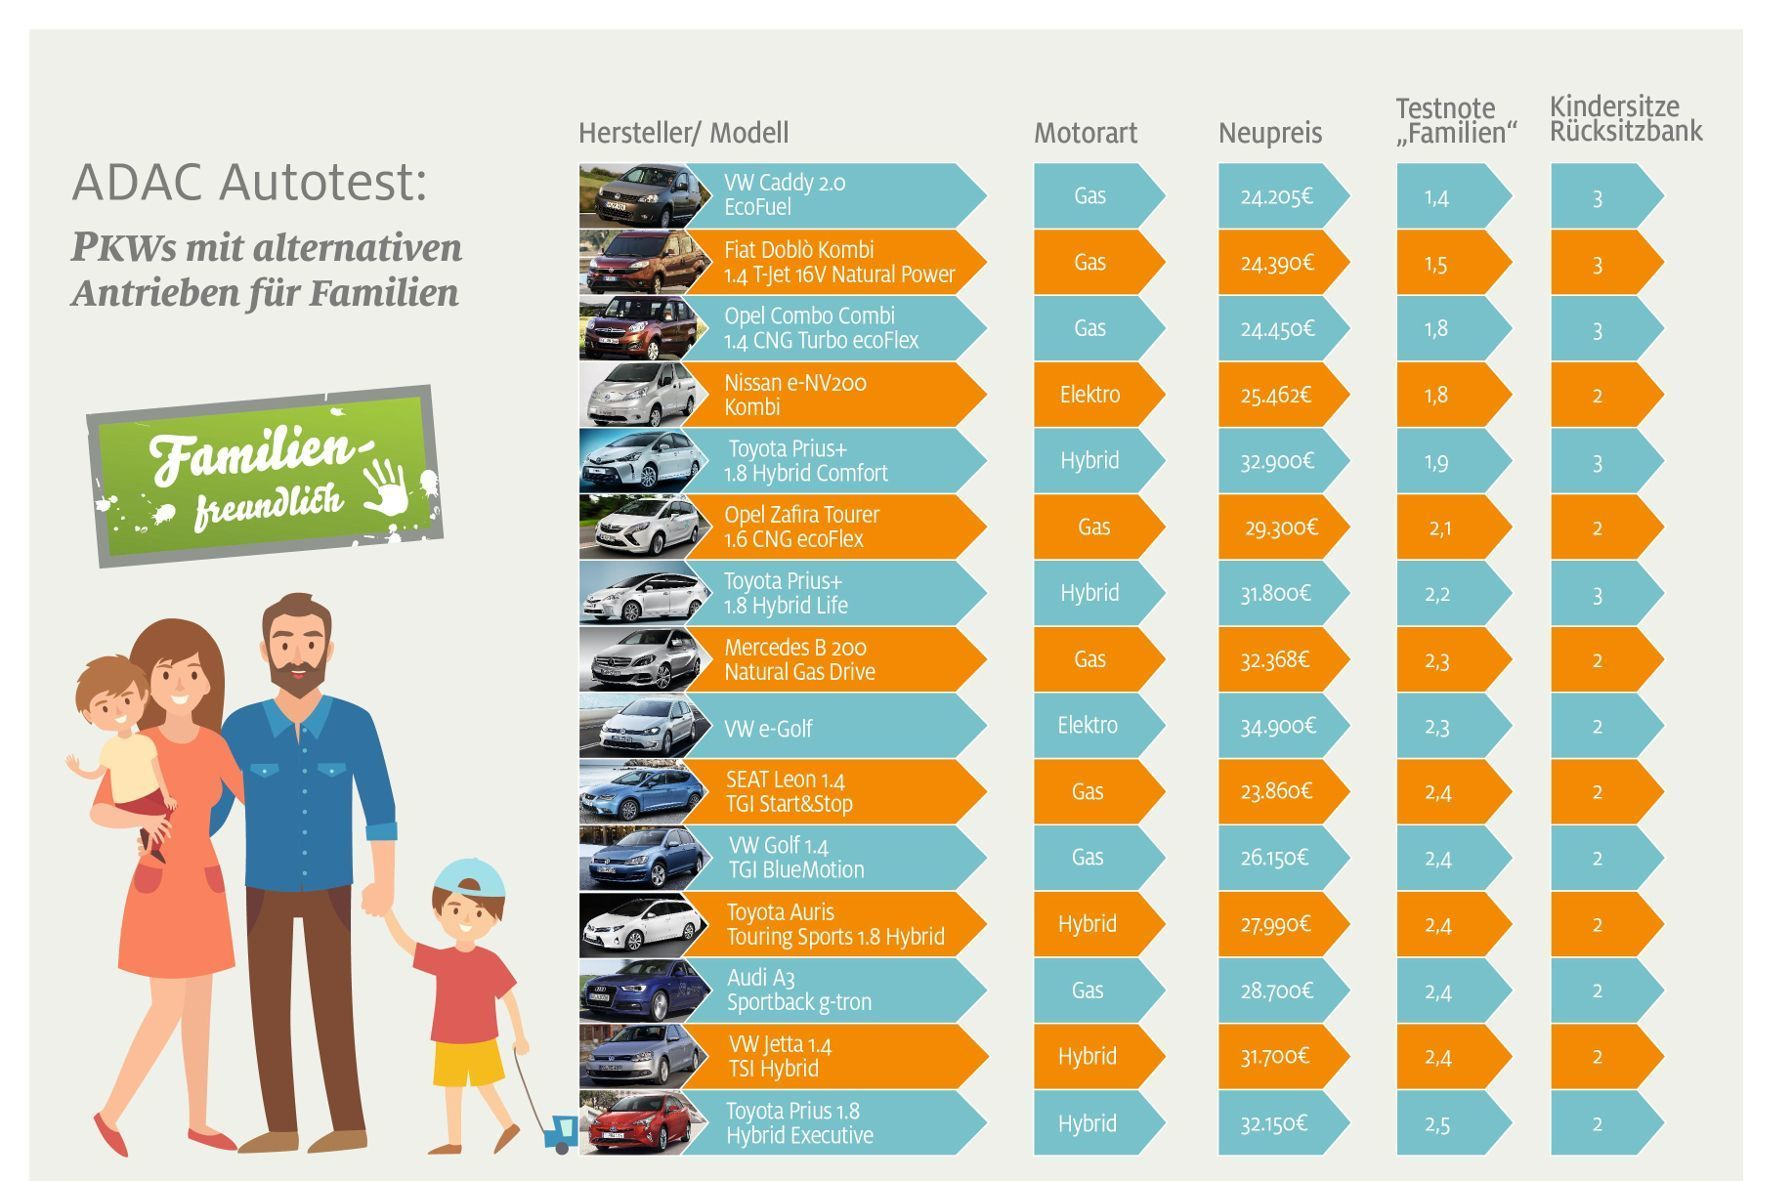 mid Groß-Gerau - Umweltschonende Familien-Autos: Nur 15 Fahrzeuge erfüllen alle Kriterien im ADAC-Autotest.